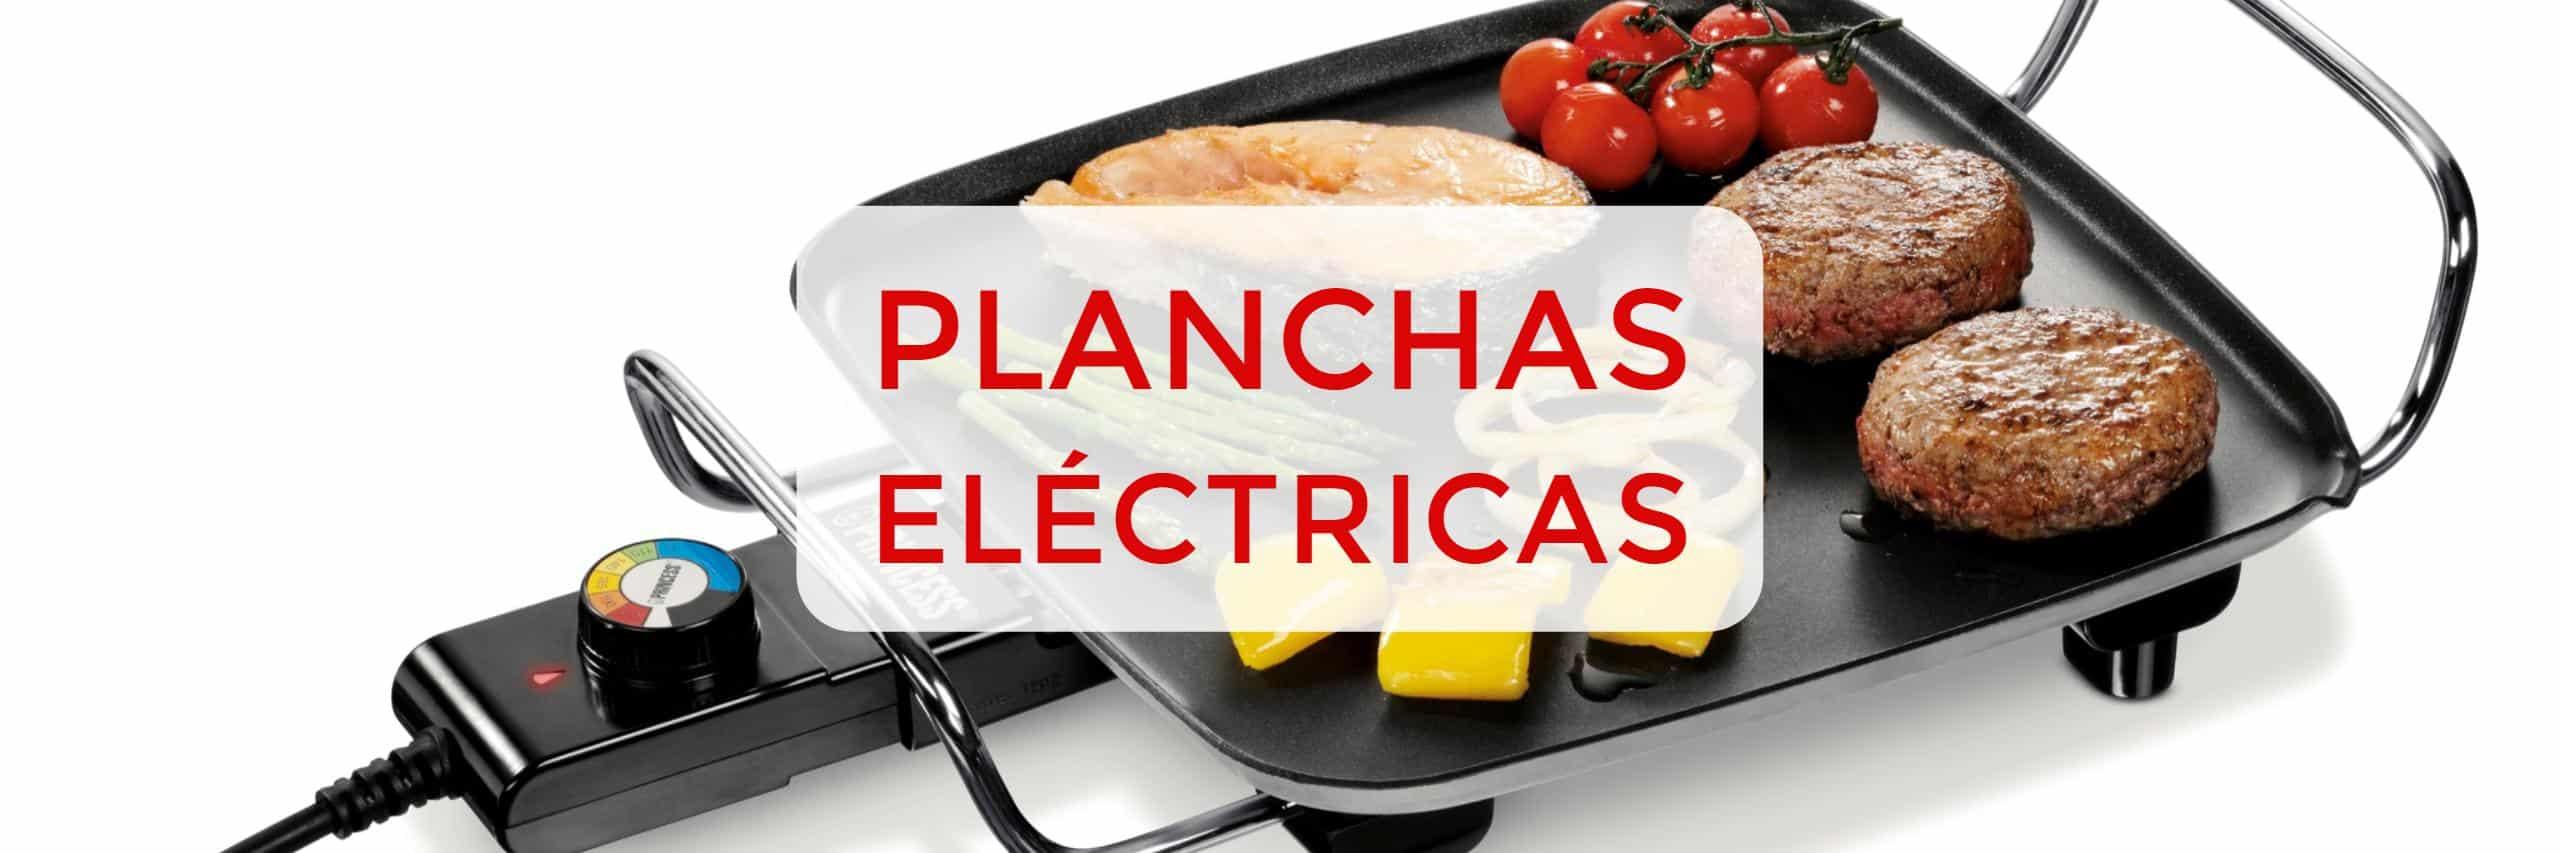 Plancha el ctrica cocina sano en cualquier parte - Planchas electricas cocina ...